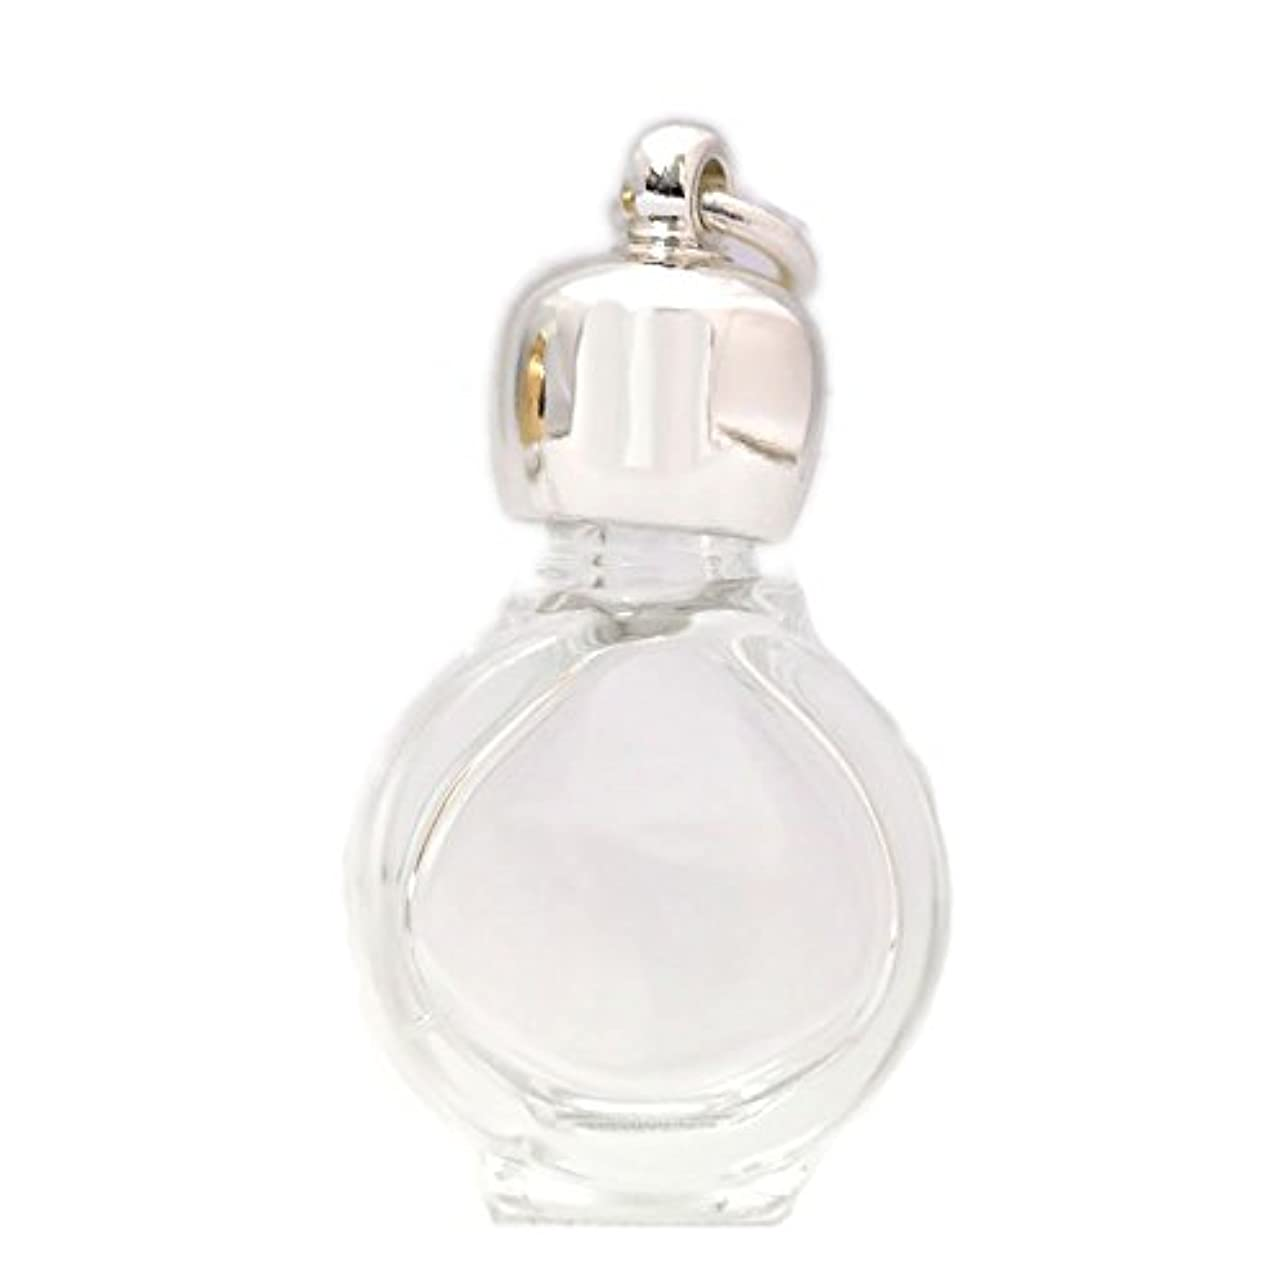 ミニ香水瓶 アロマペンダントトップ タイコスキ(透明)1ml?シルバー?穴あきキャップ、パッキン付属